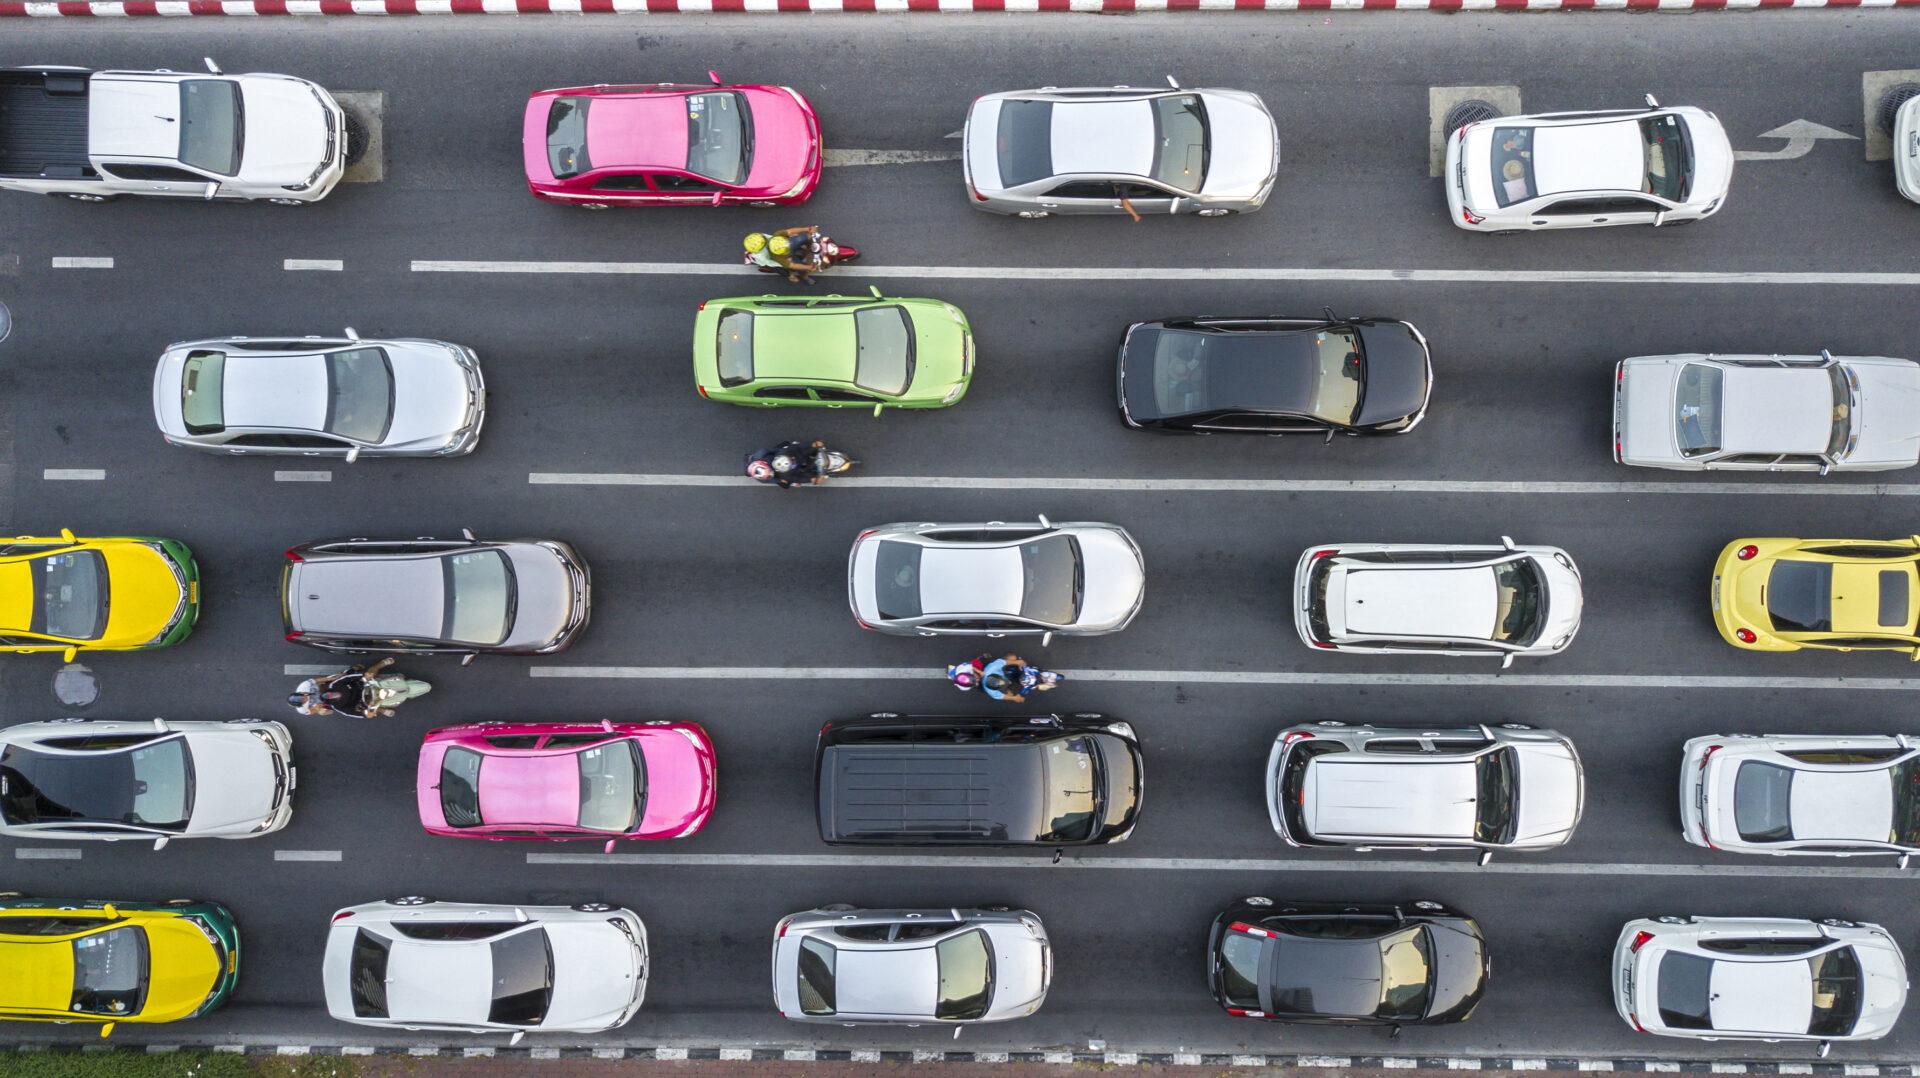 El cumplimiento de la normativa de tráfico depende de su credibilidad